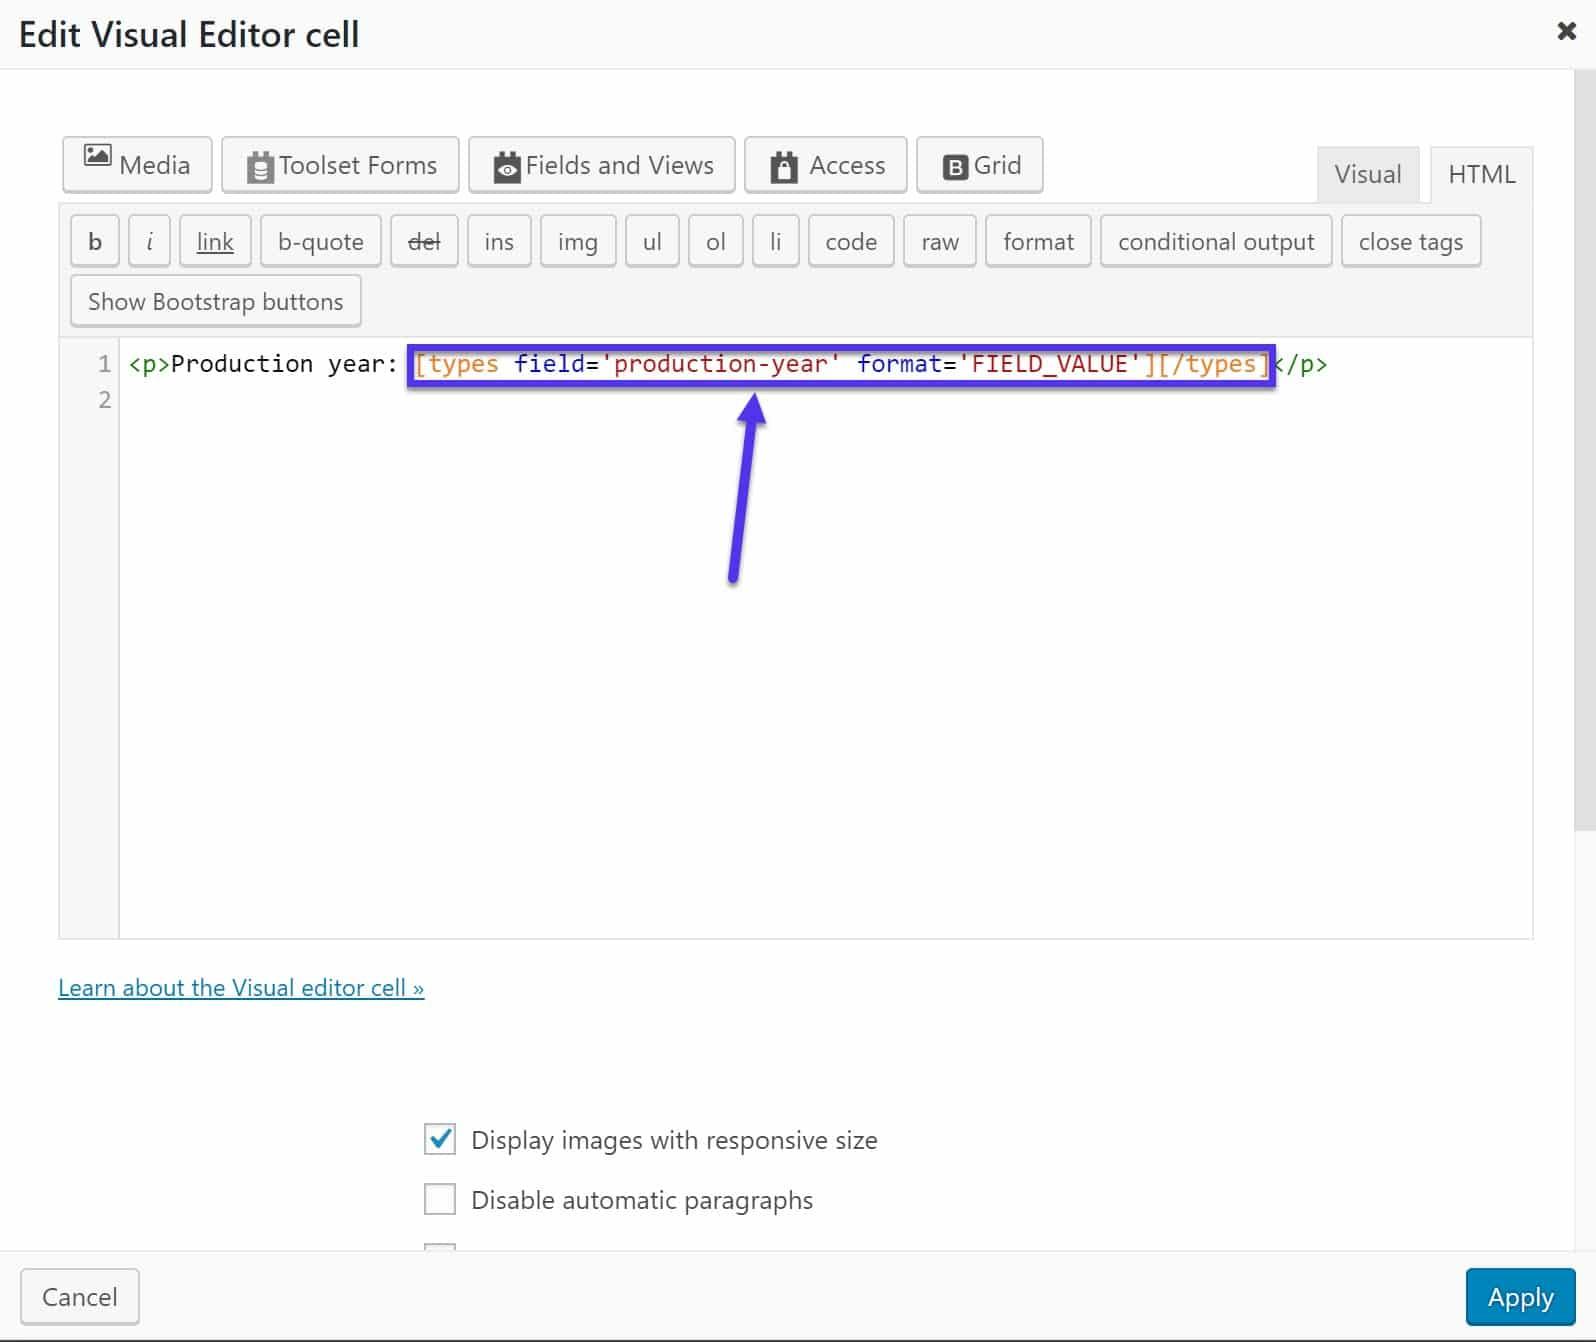 Año de producción siendo agregado con shortcode y un poco de HTML